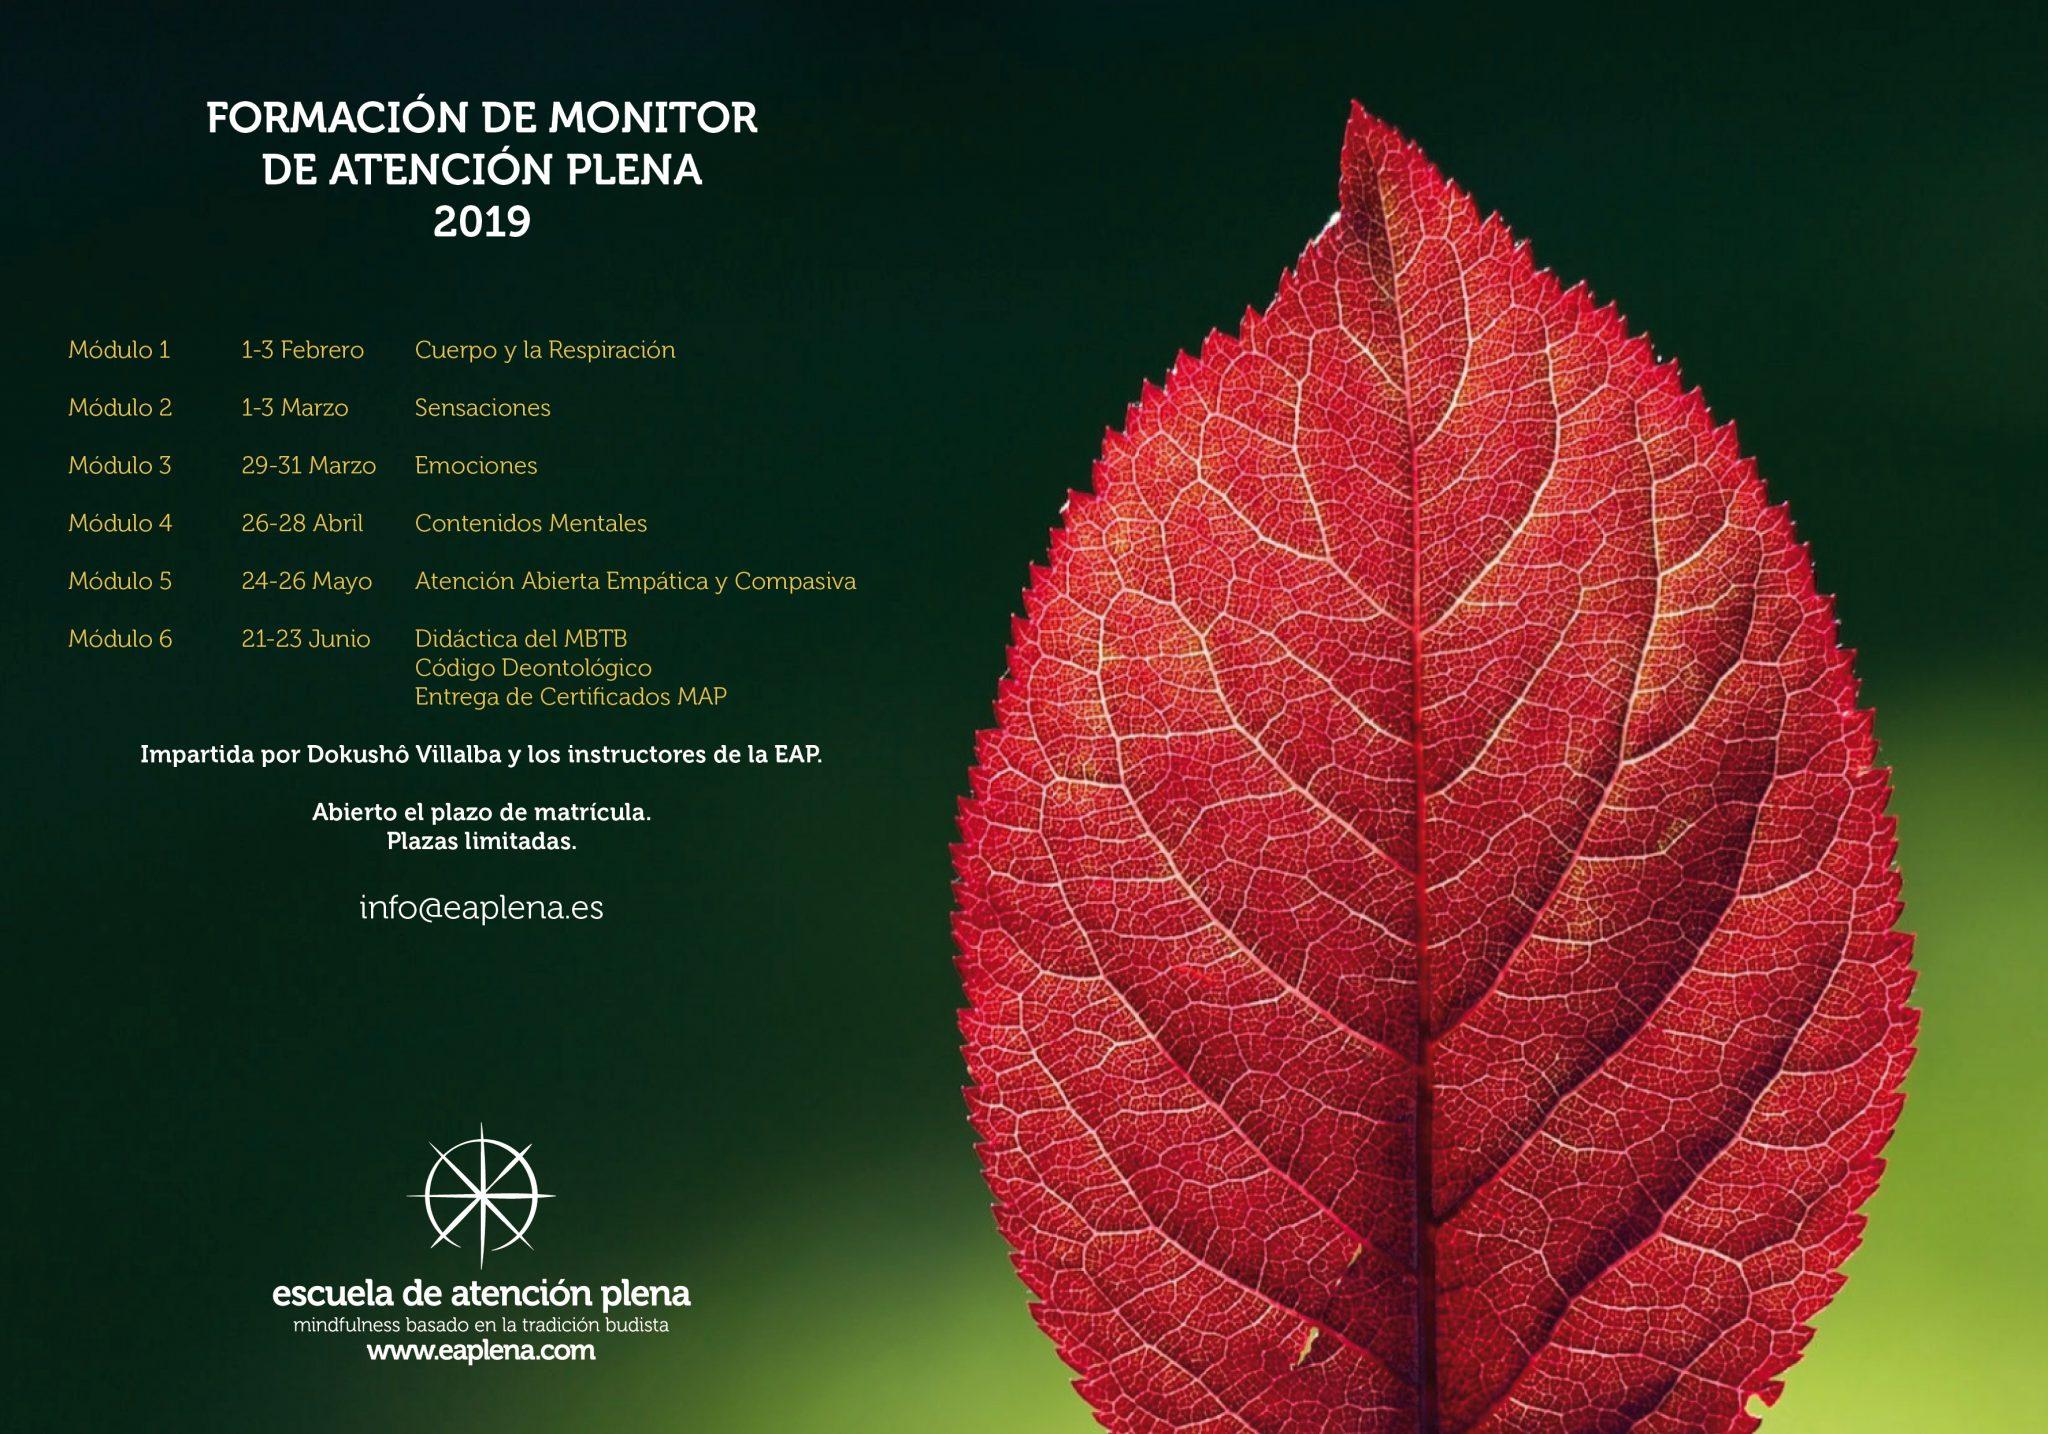 Formación de Monitor de Atención Plena 2019